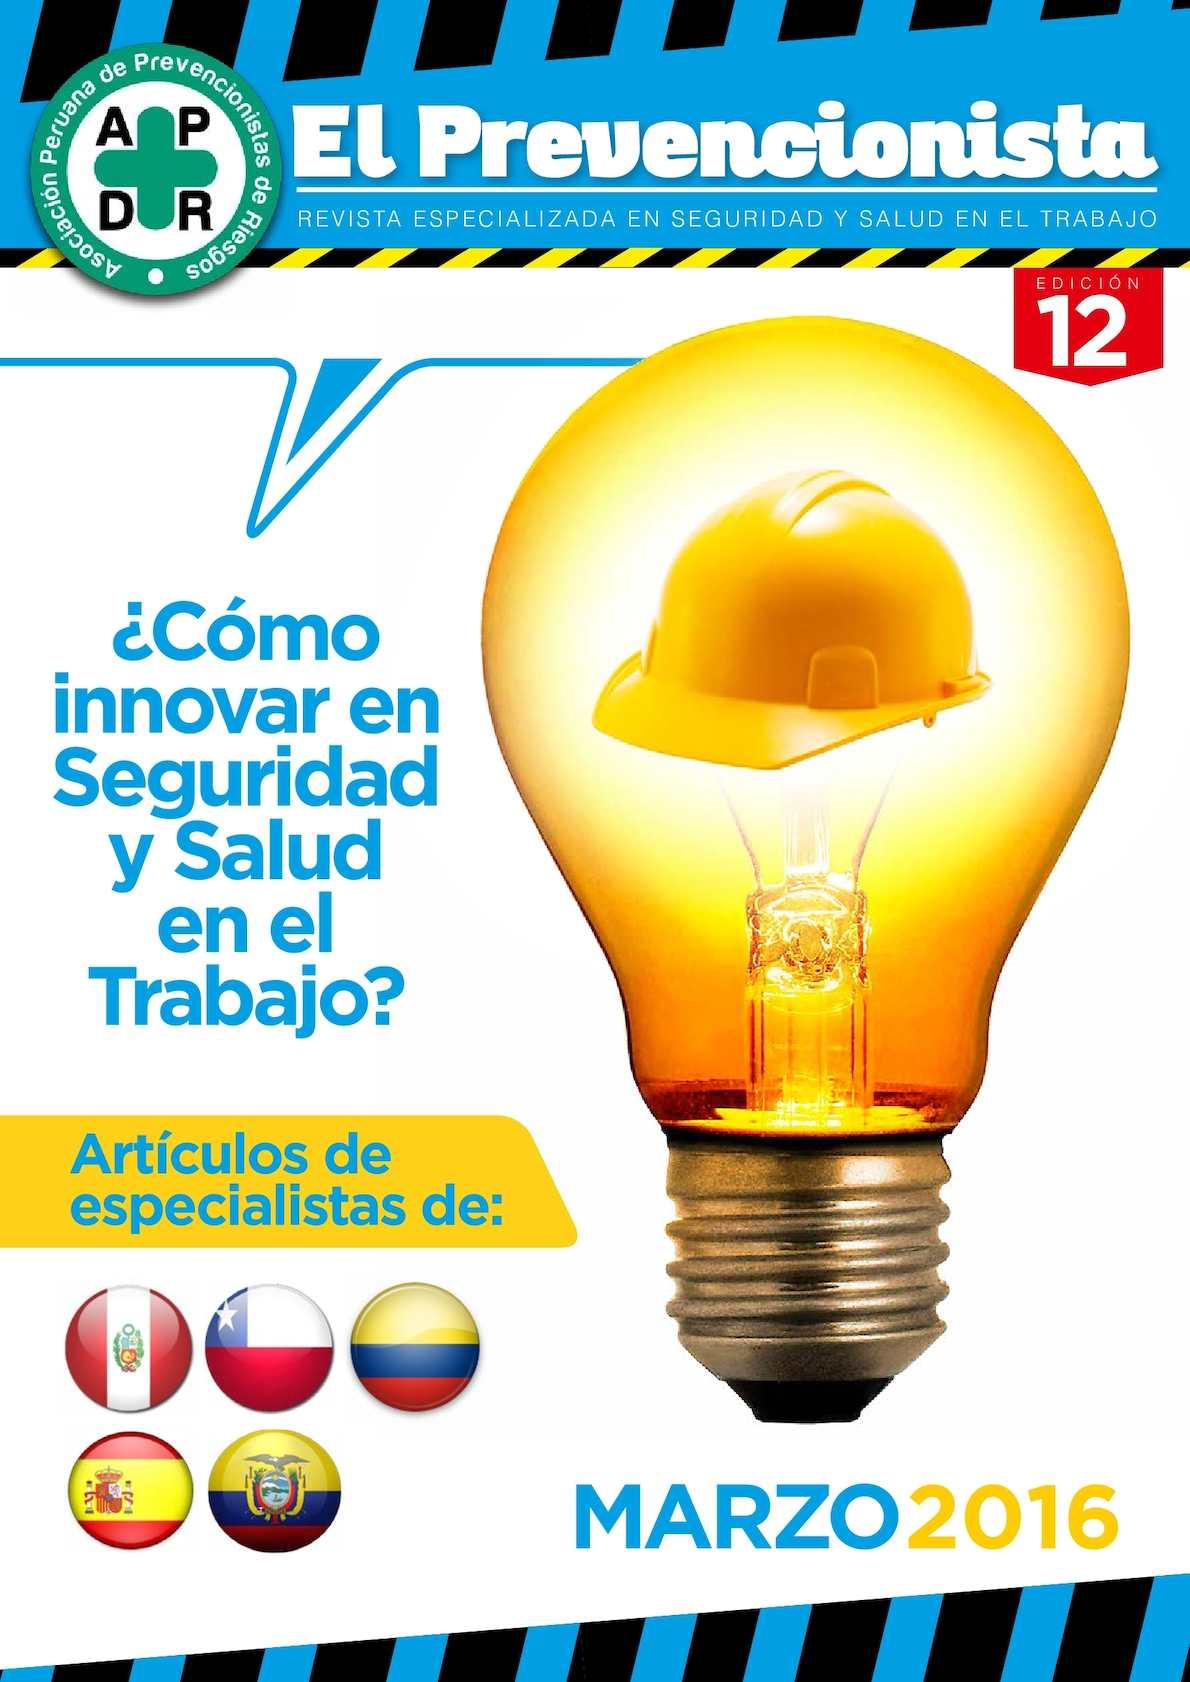 Revista El Prevencionista: Edición Especial sobre Innovación en SST/PRL